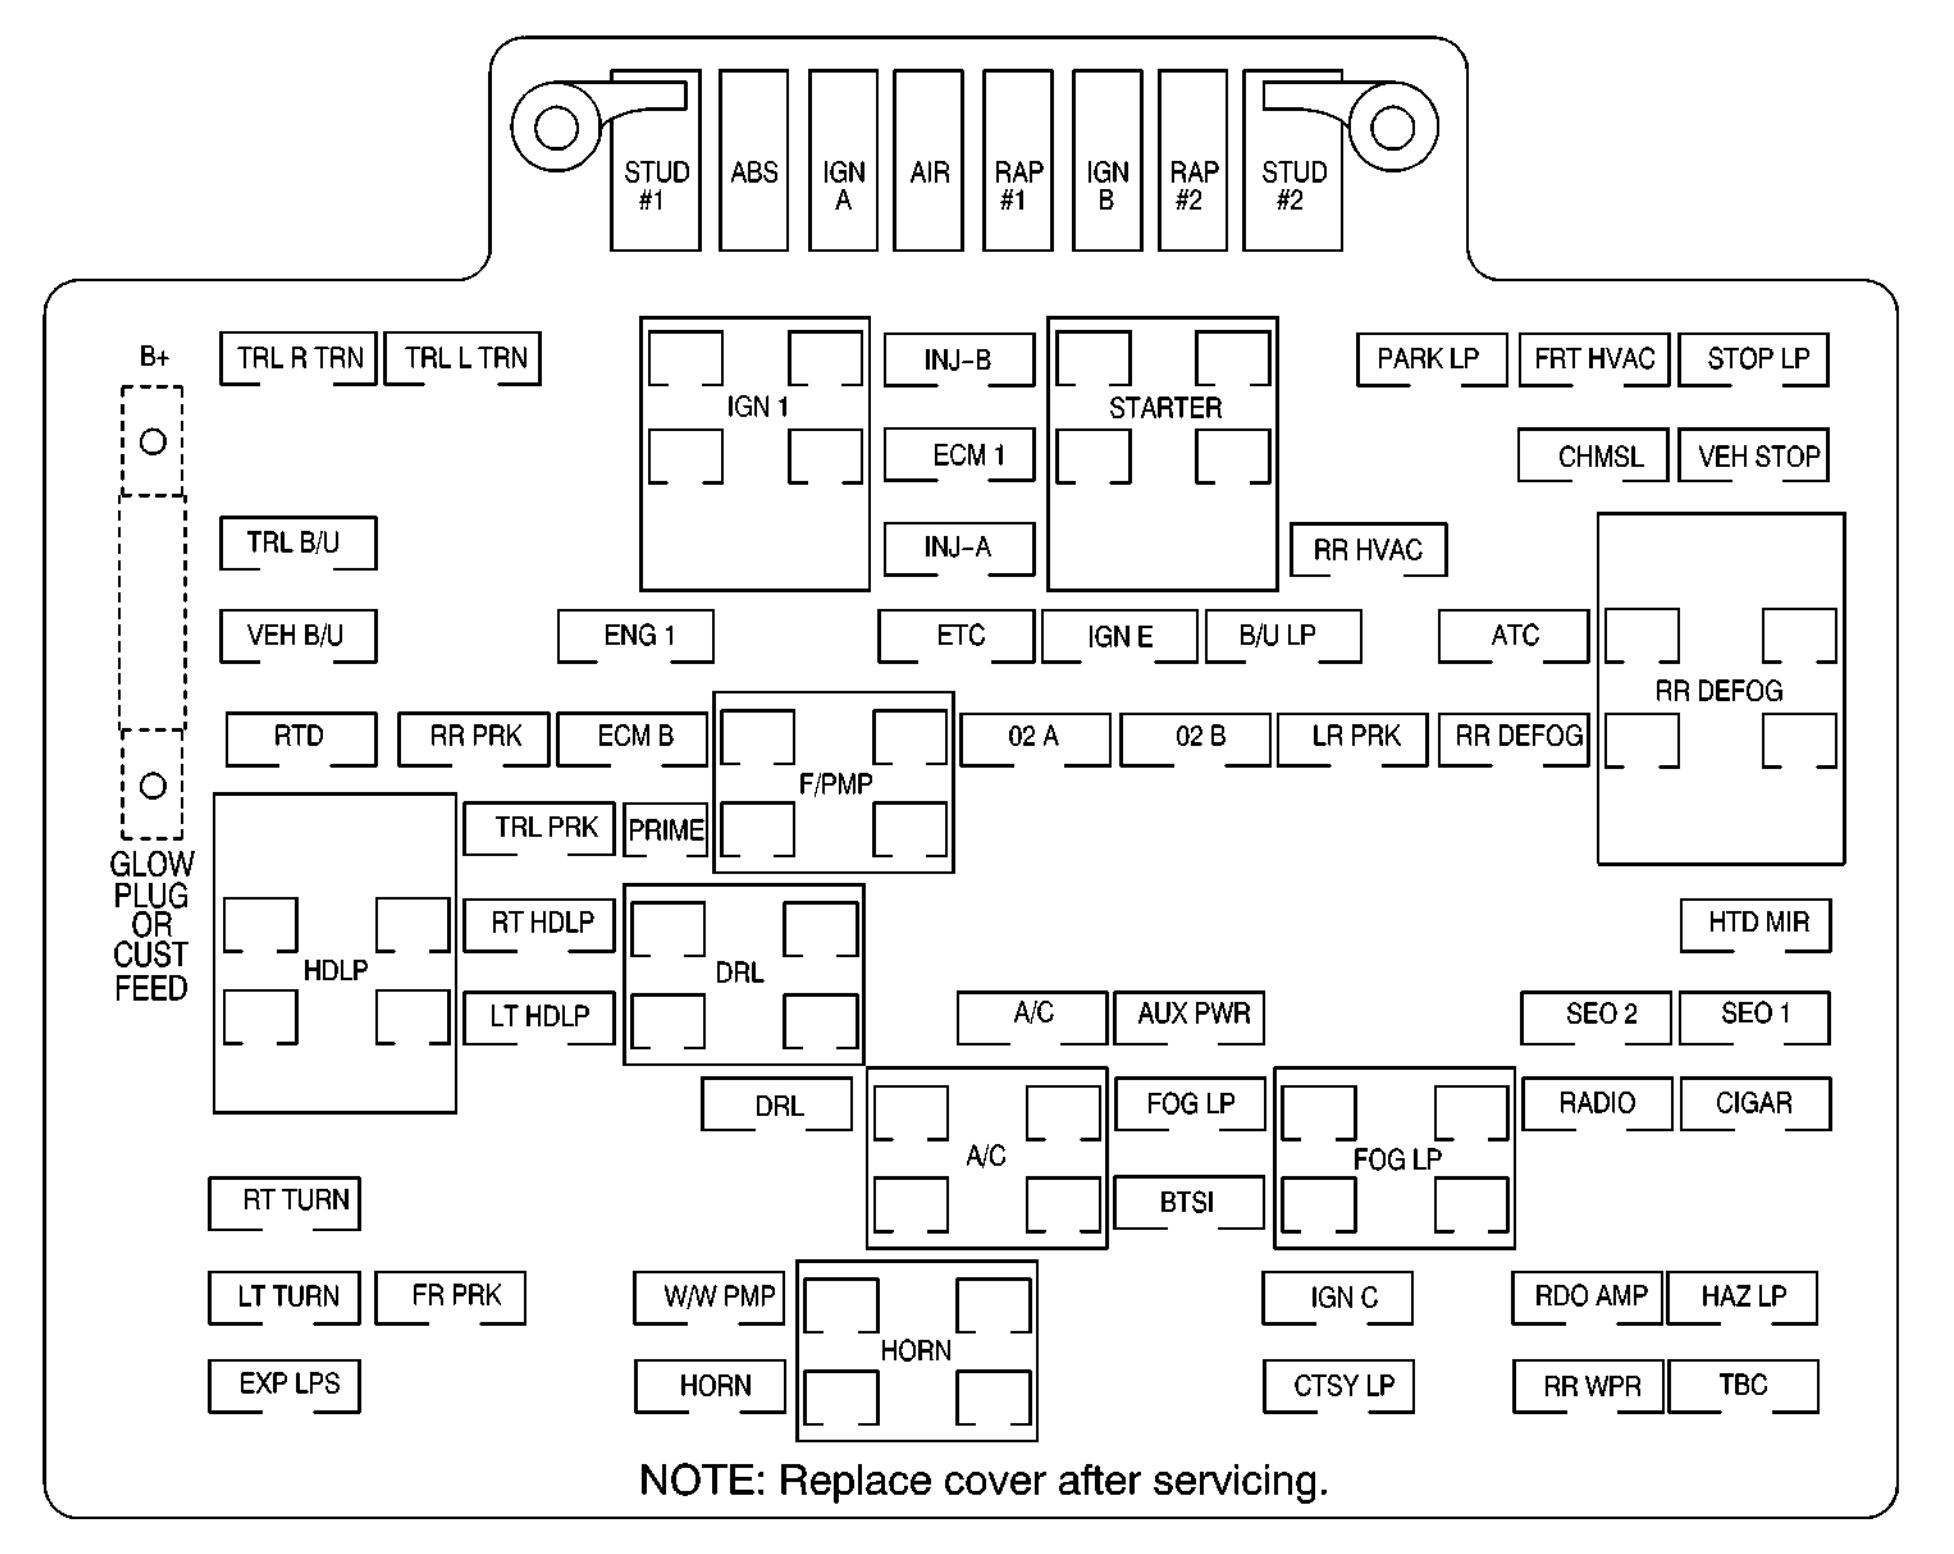 Tahoe Wiring Diagram 1999 Get Free Image About Wiring Diagram